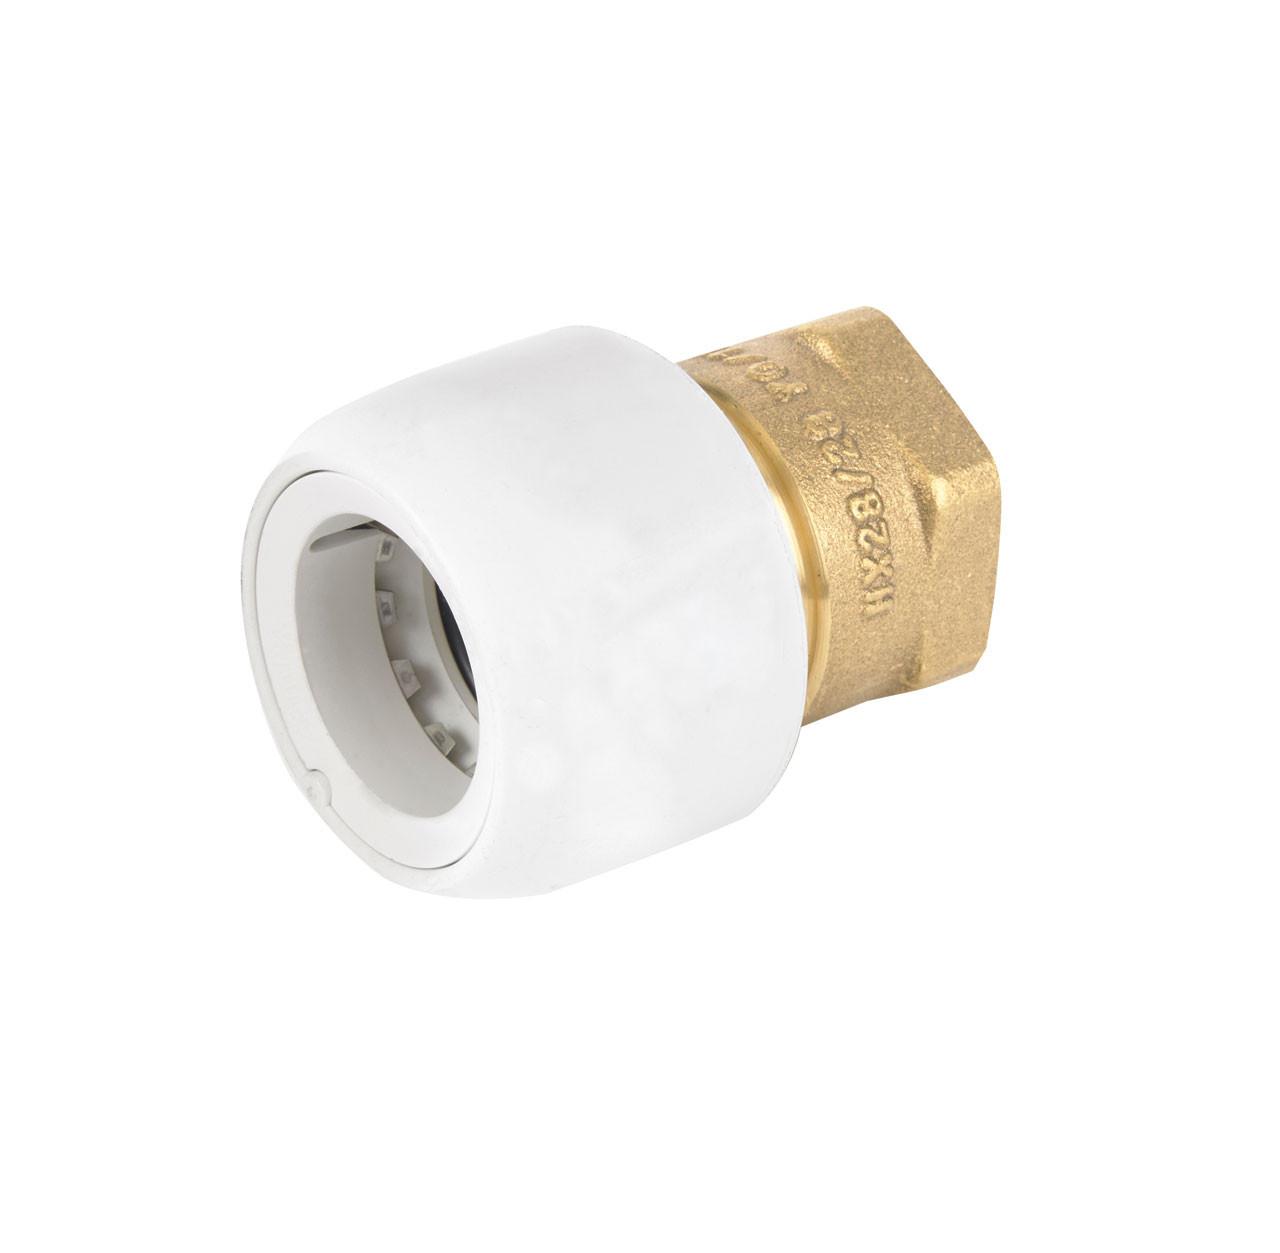 Adapt-Brass Female 1/2iBSP x 15mm Socket